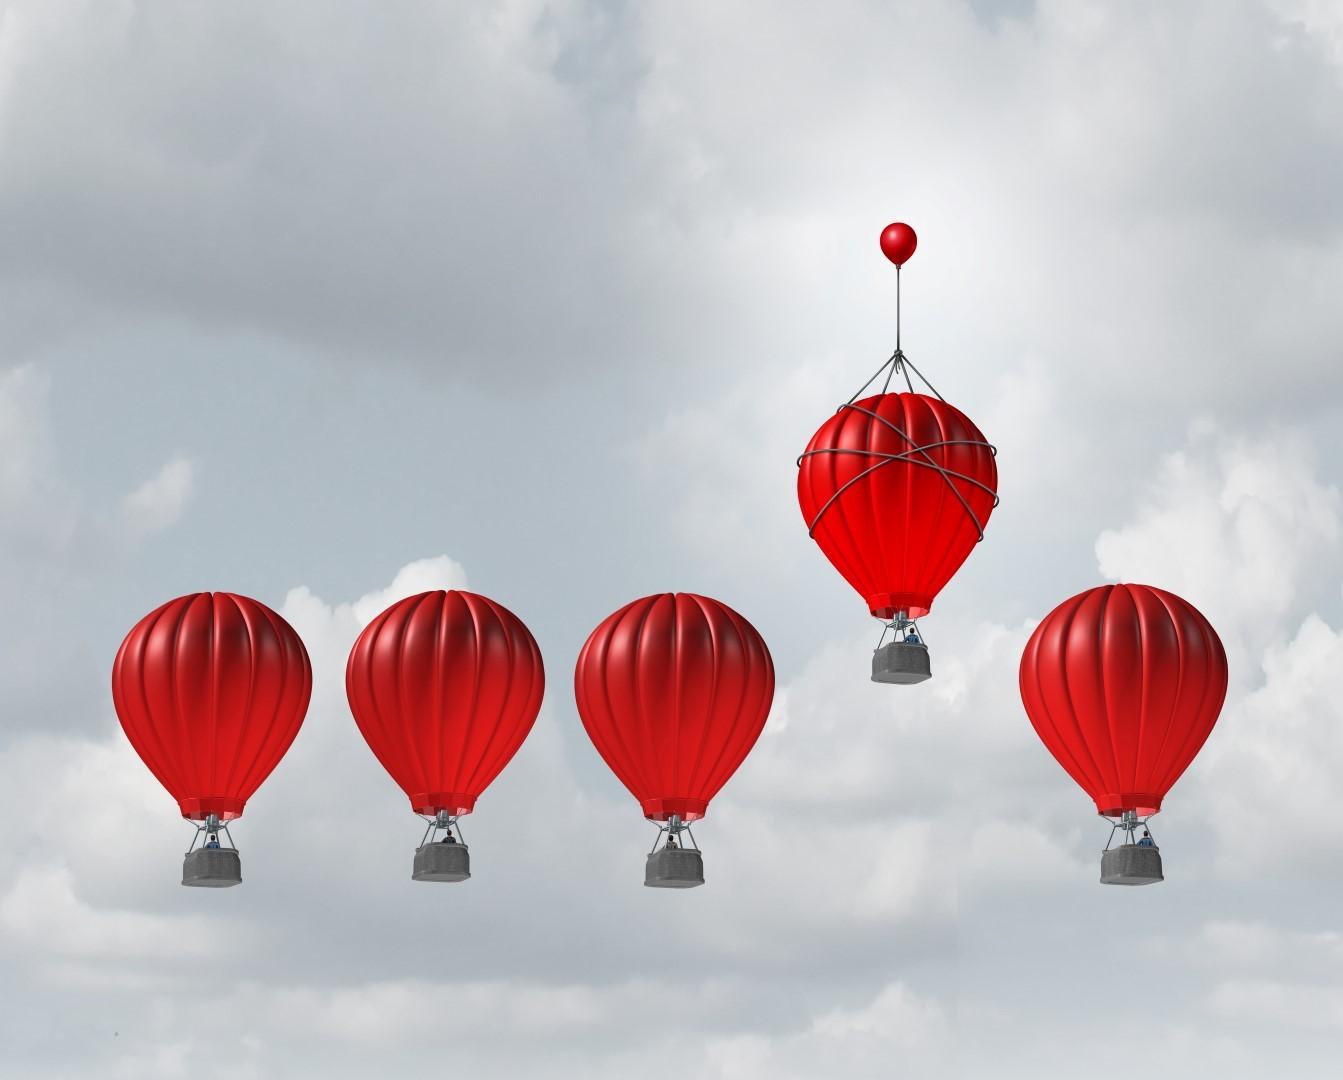 DLF - Digital Leaders Fund - Fünf rote Ballons von denen der zweite von rechts höher steht als die Anderen